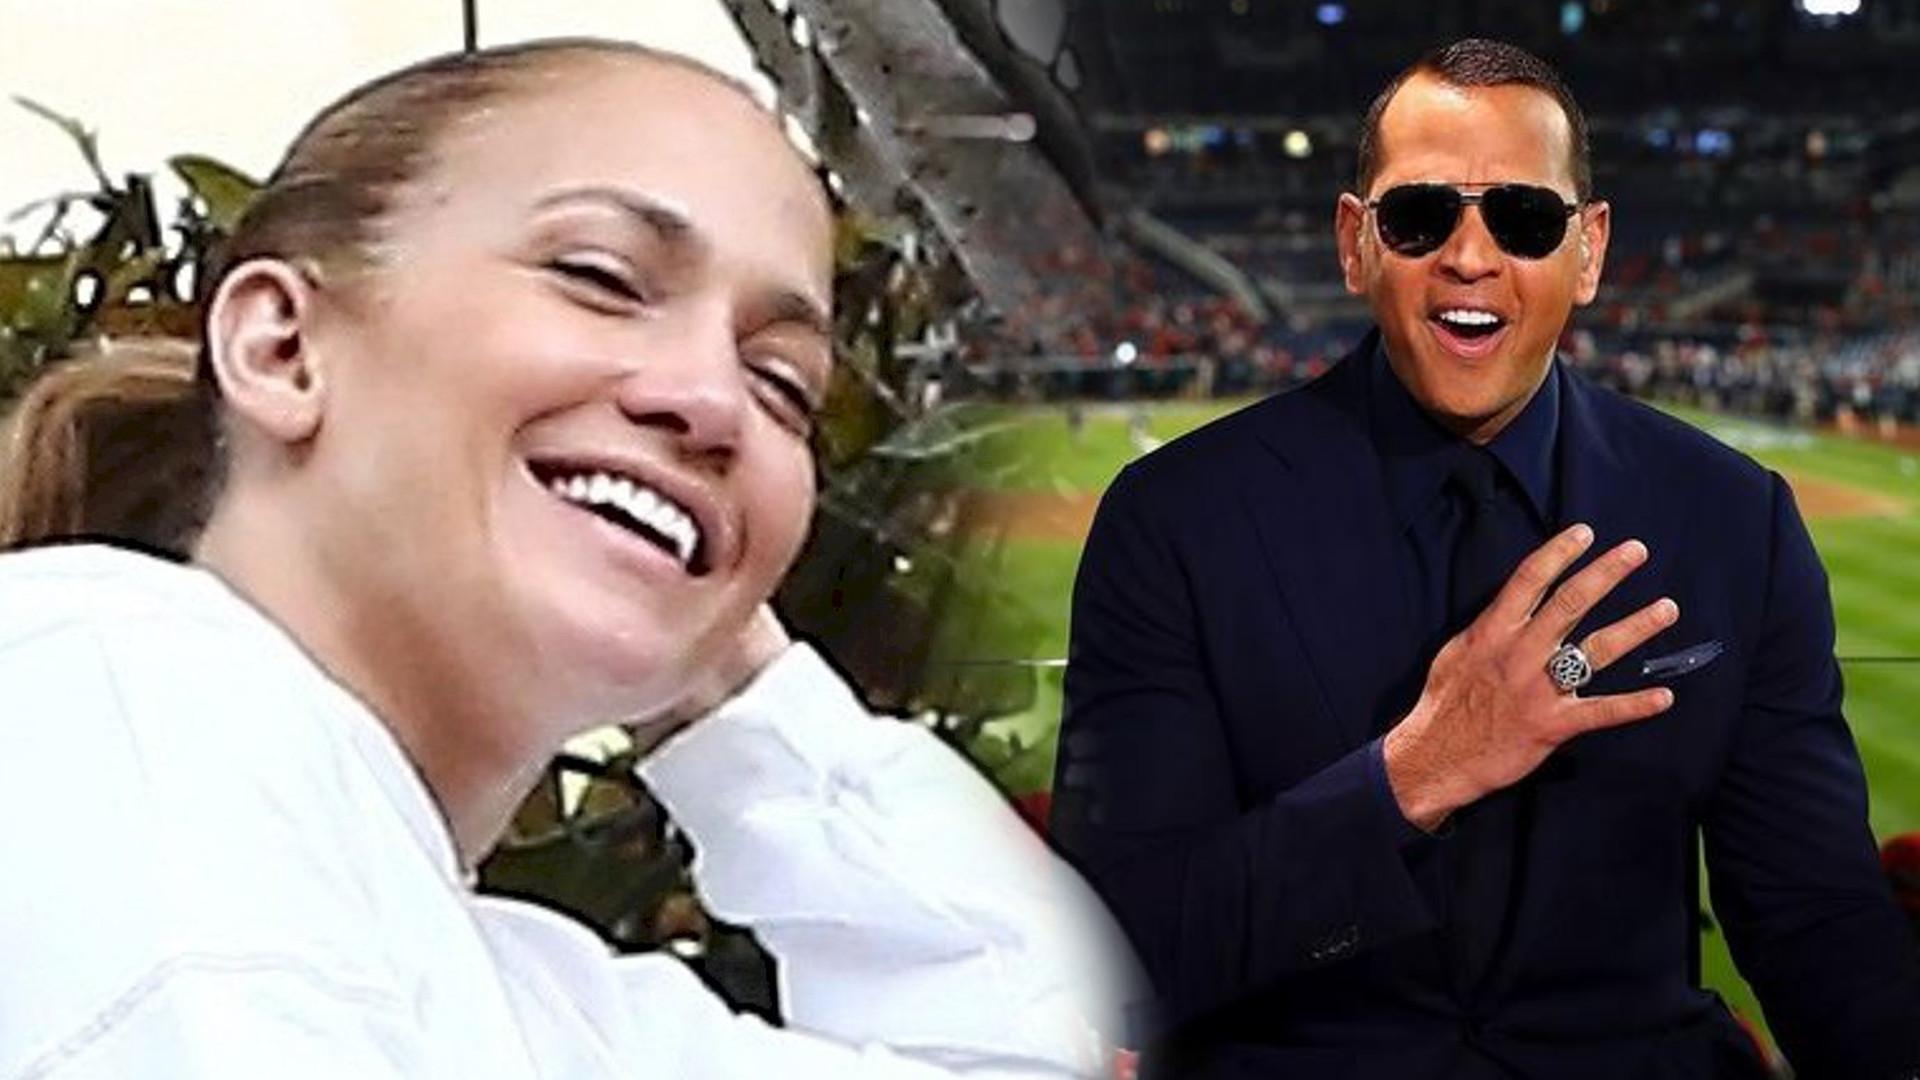 Jen i Ben randkują w Miami, a A-Rod promuje męskie kosmetyki do makijażu. Internauci go wyśmiali